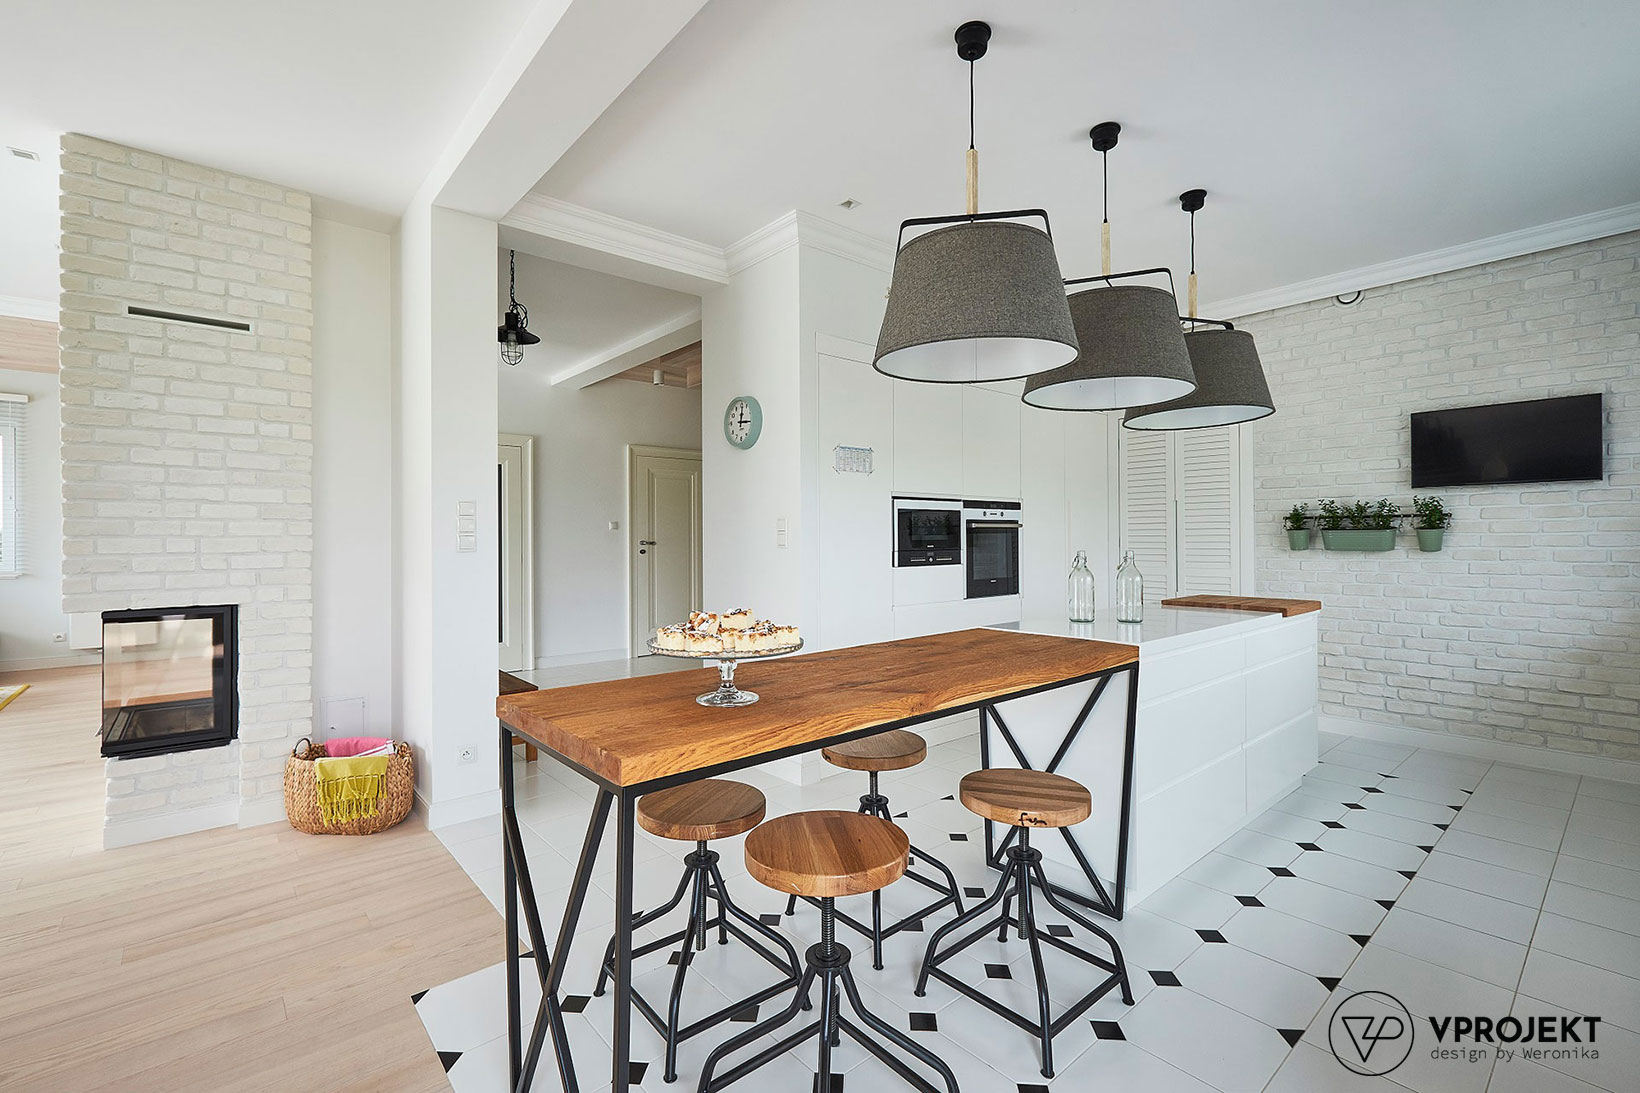 Kuchnia, dom w Iławie